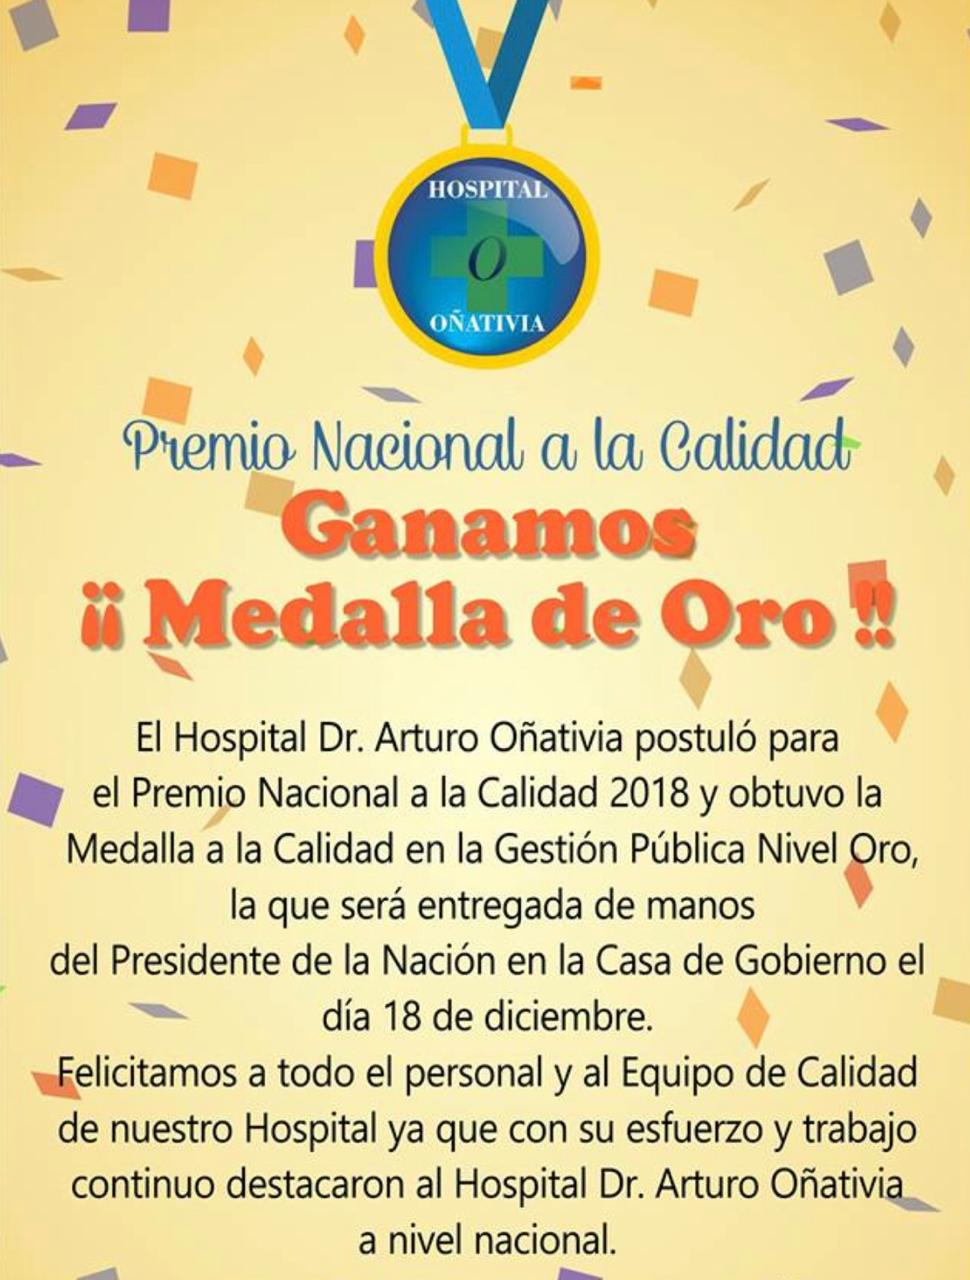 El hospital Oñativia  obtuvo la medalla de Oro por la Calidad en la Gestión Pública